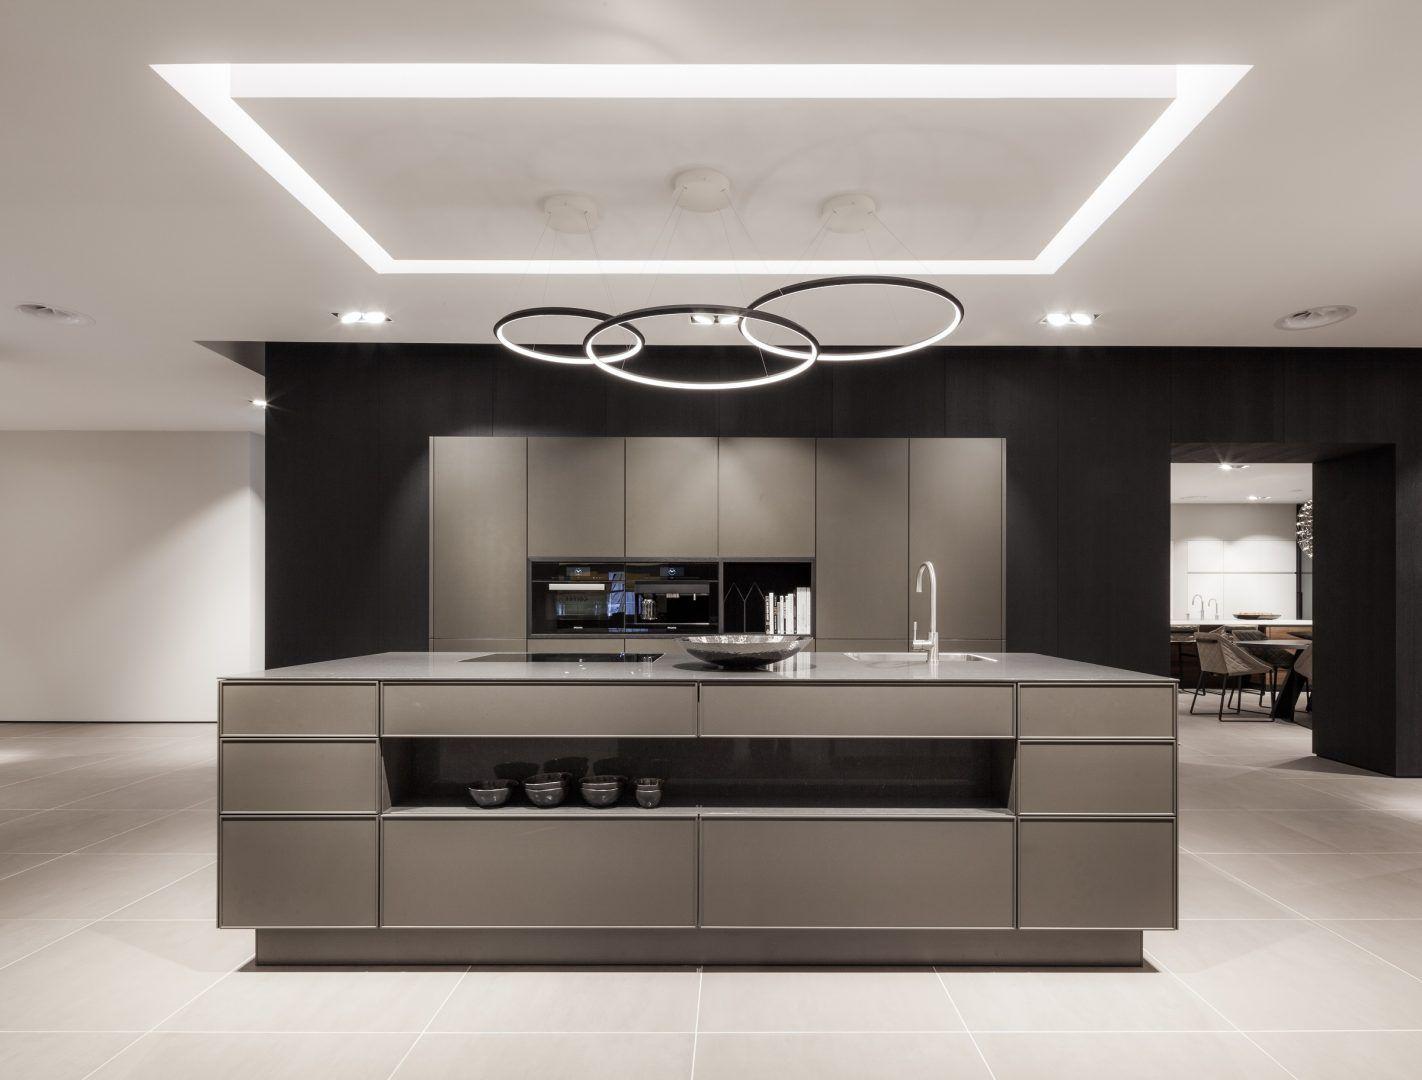 Siematic Pure Keuken S3 De Keuken Collectie Van Goergen Keukens Uw Siematic Dealer V Contemporary Kitchen Design Kitchen Cabinet Design Modern Kitchen Design